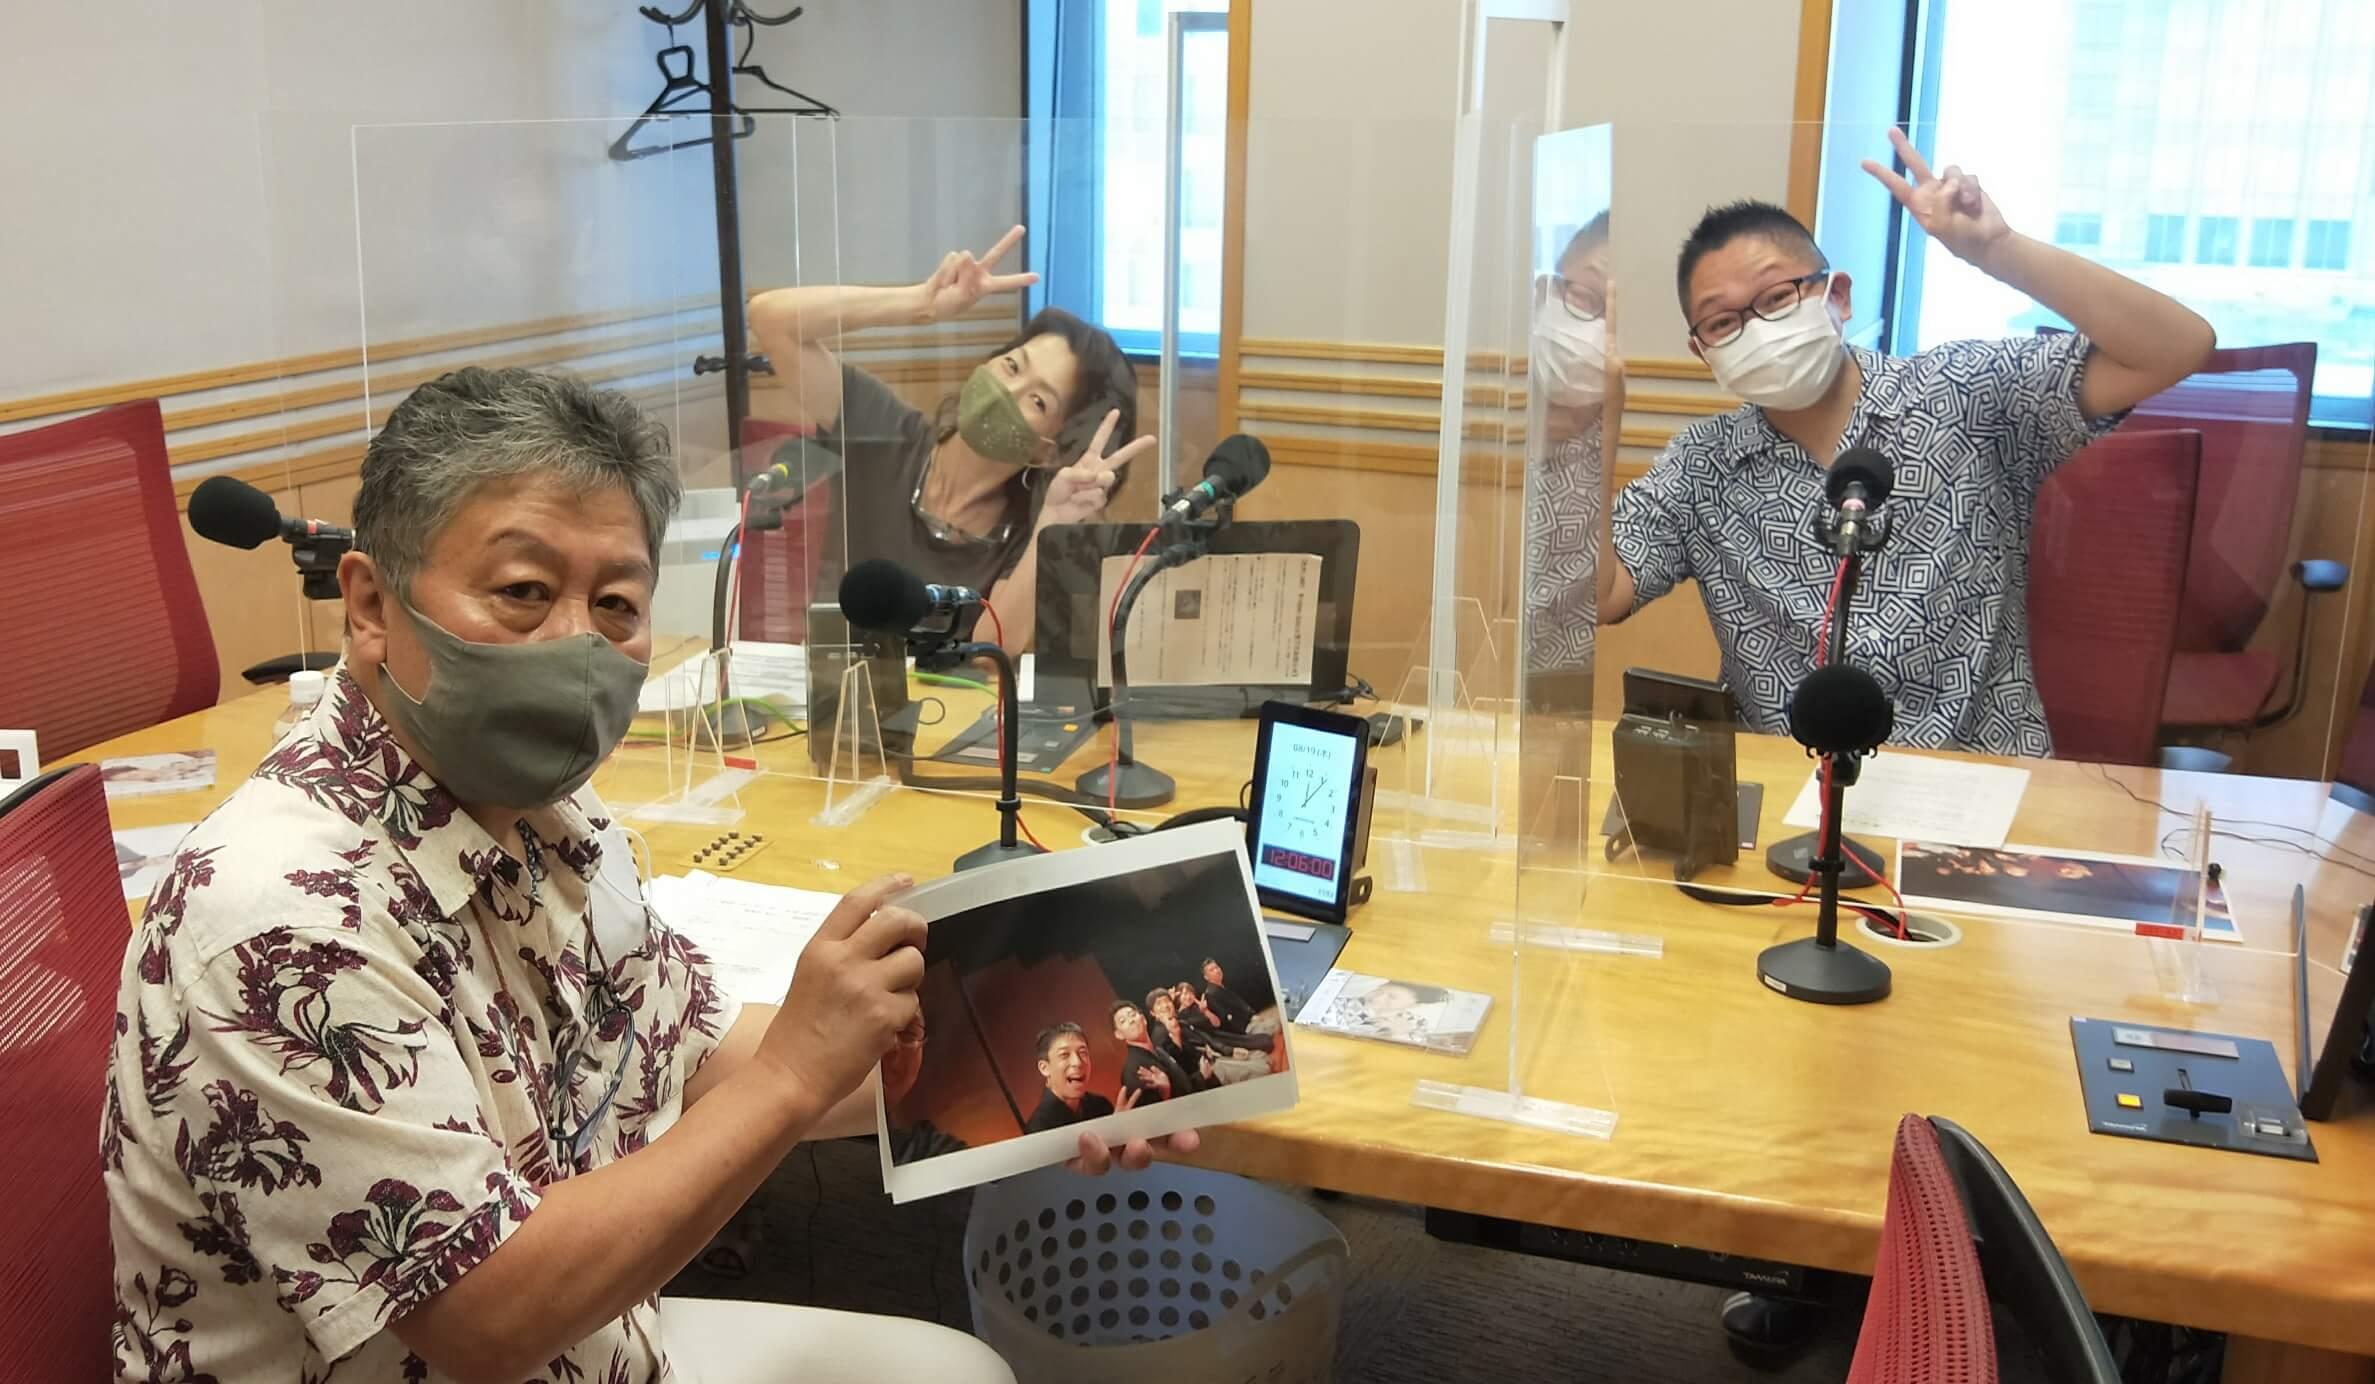 『くにまるジャパン極・くにまるレポーターズ』8月19日(木)のお客様:春風亭昇也さん